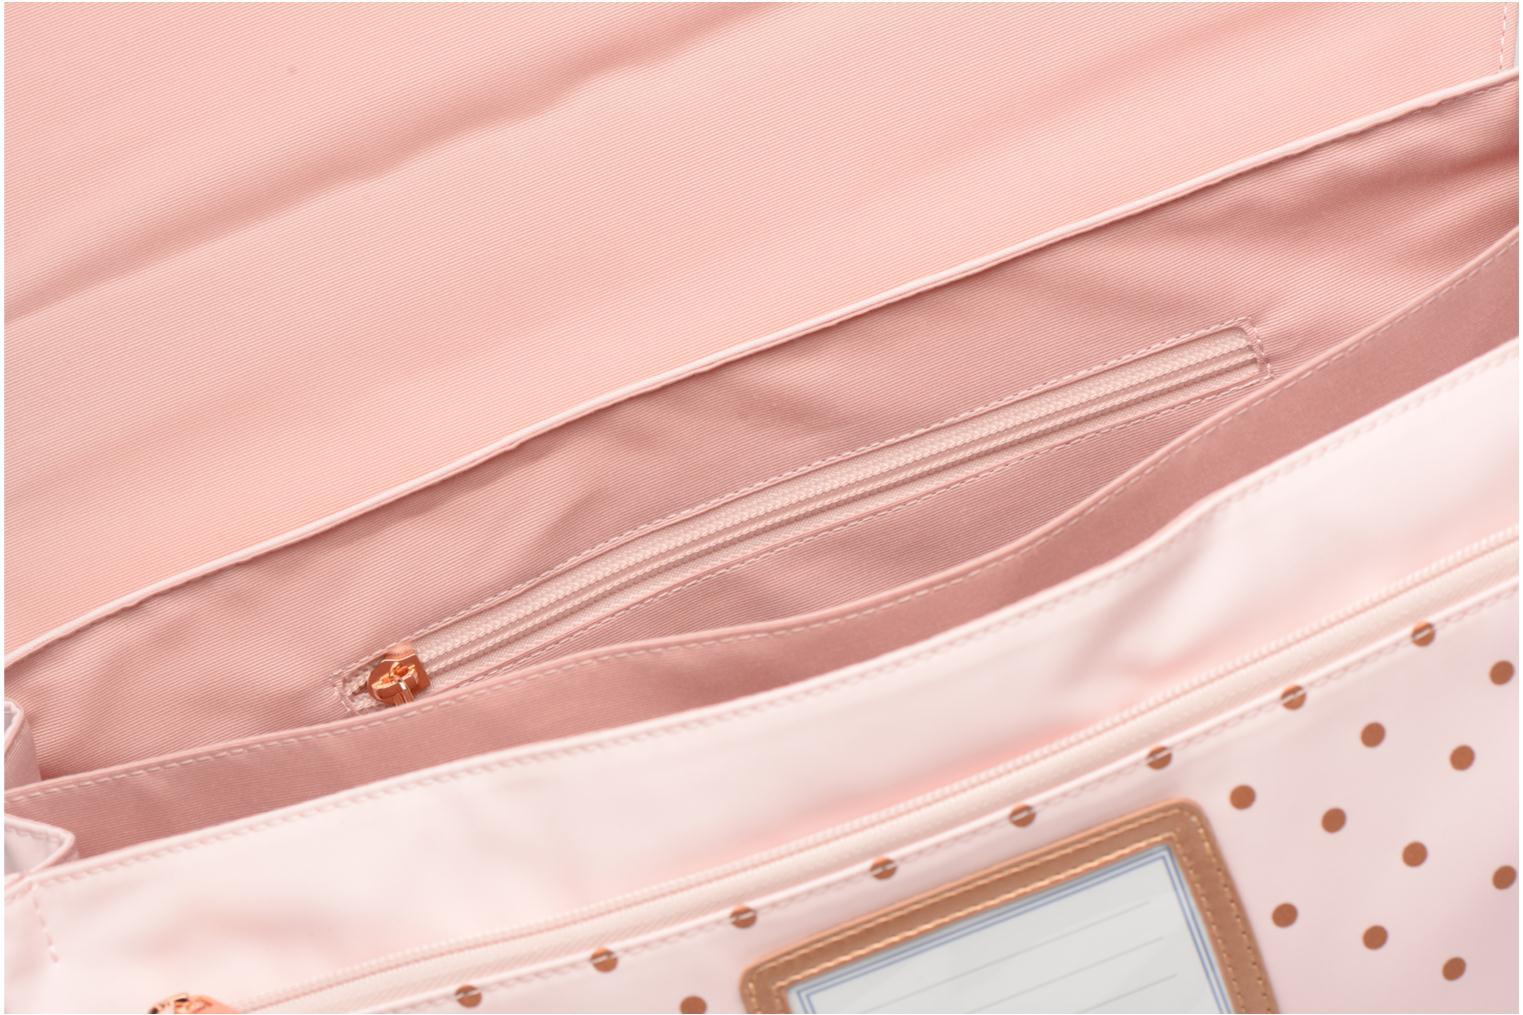 Rose 38cm Cartable Garnier JACADI Palais fxqwFg6pB1